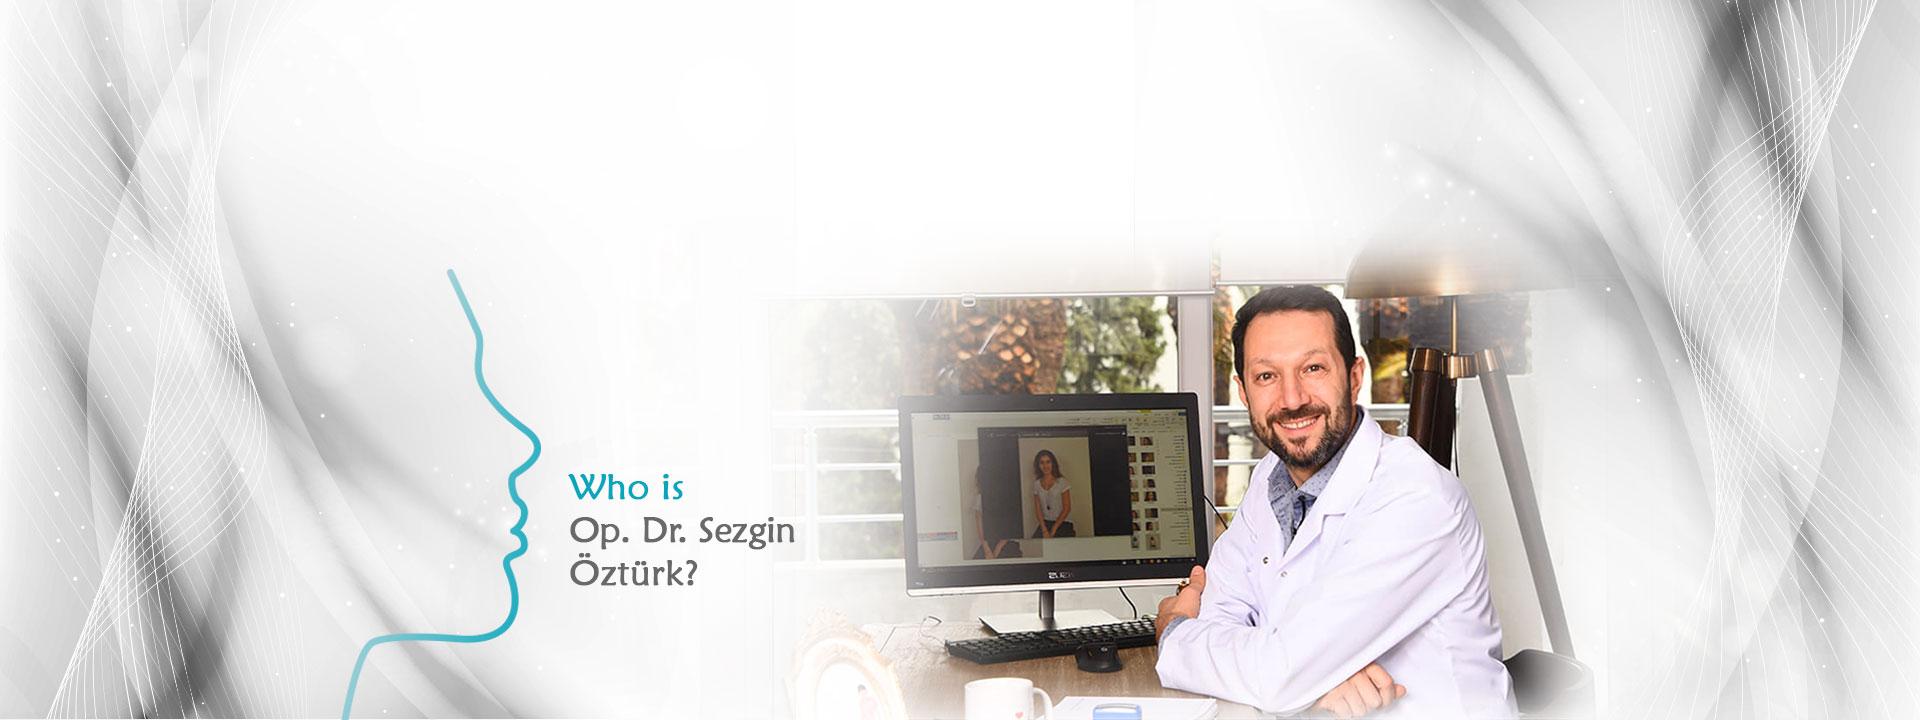 Dr Sezgin Öztürk-ENT-Nasal Aesthetic